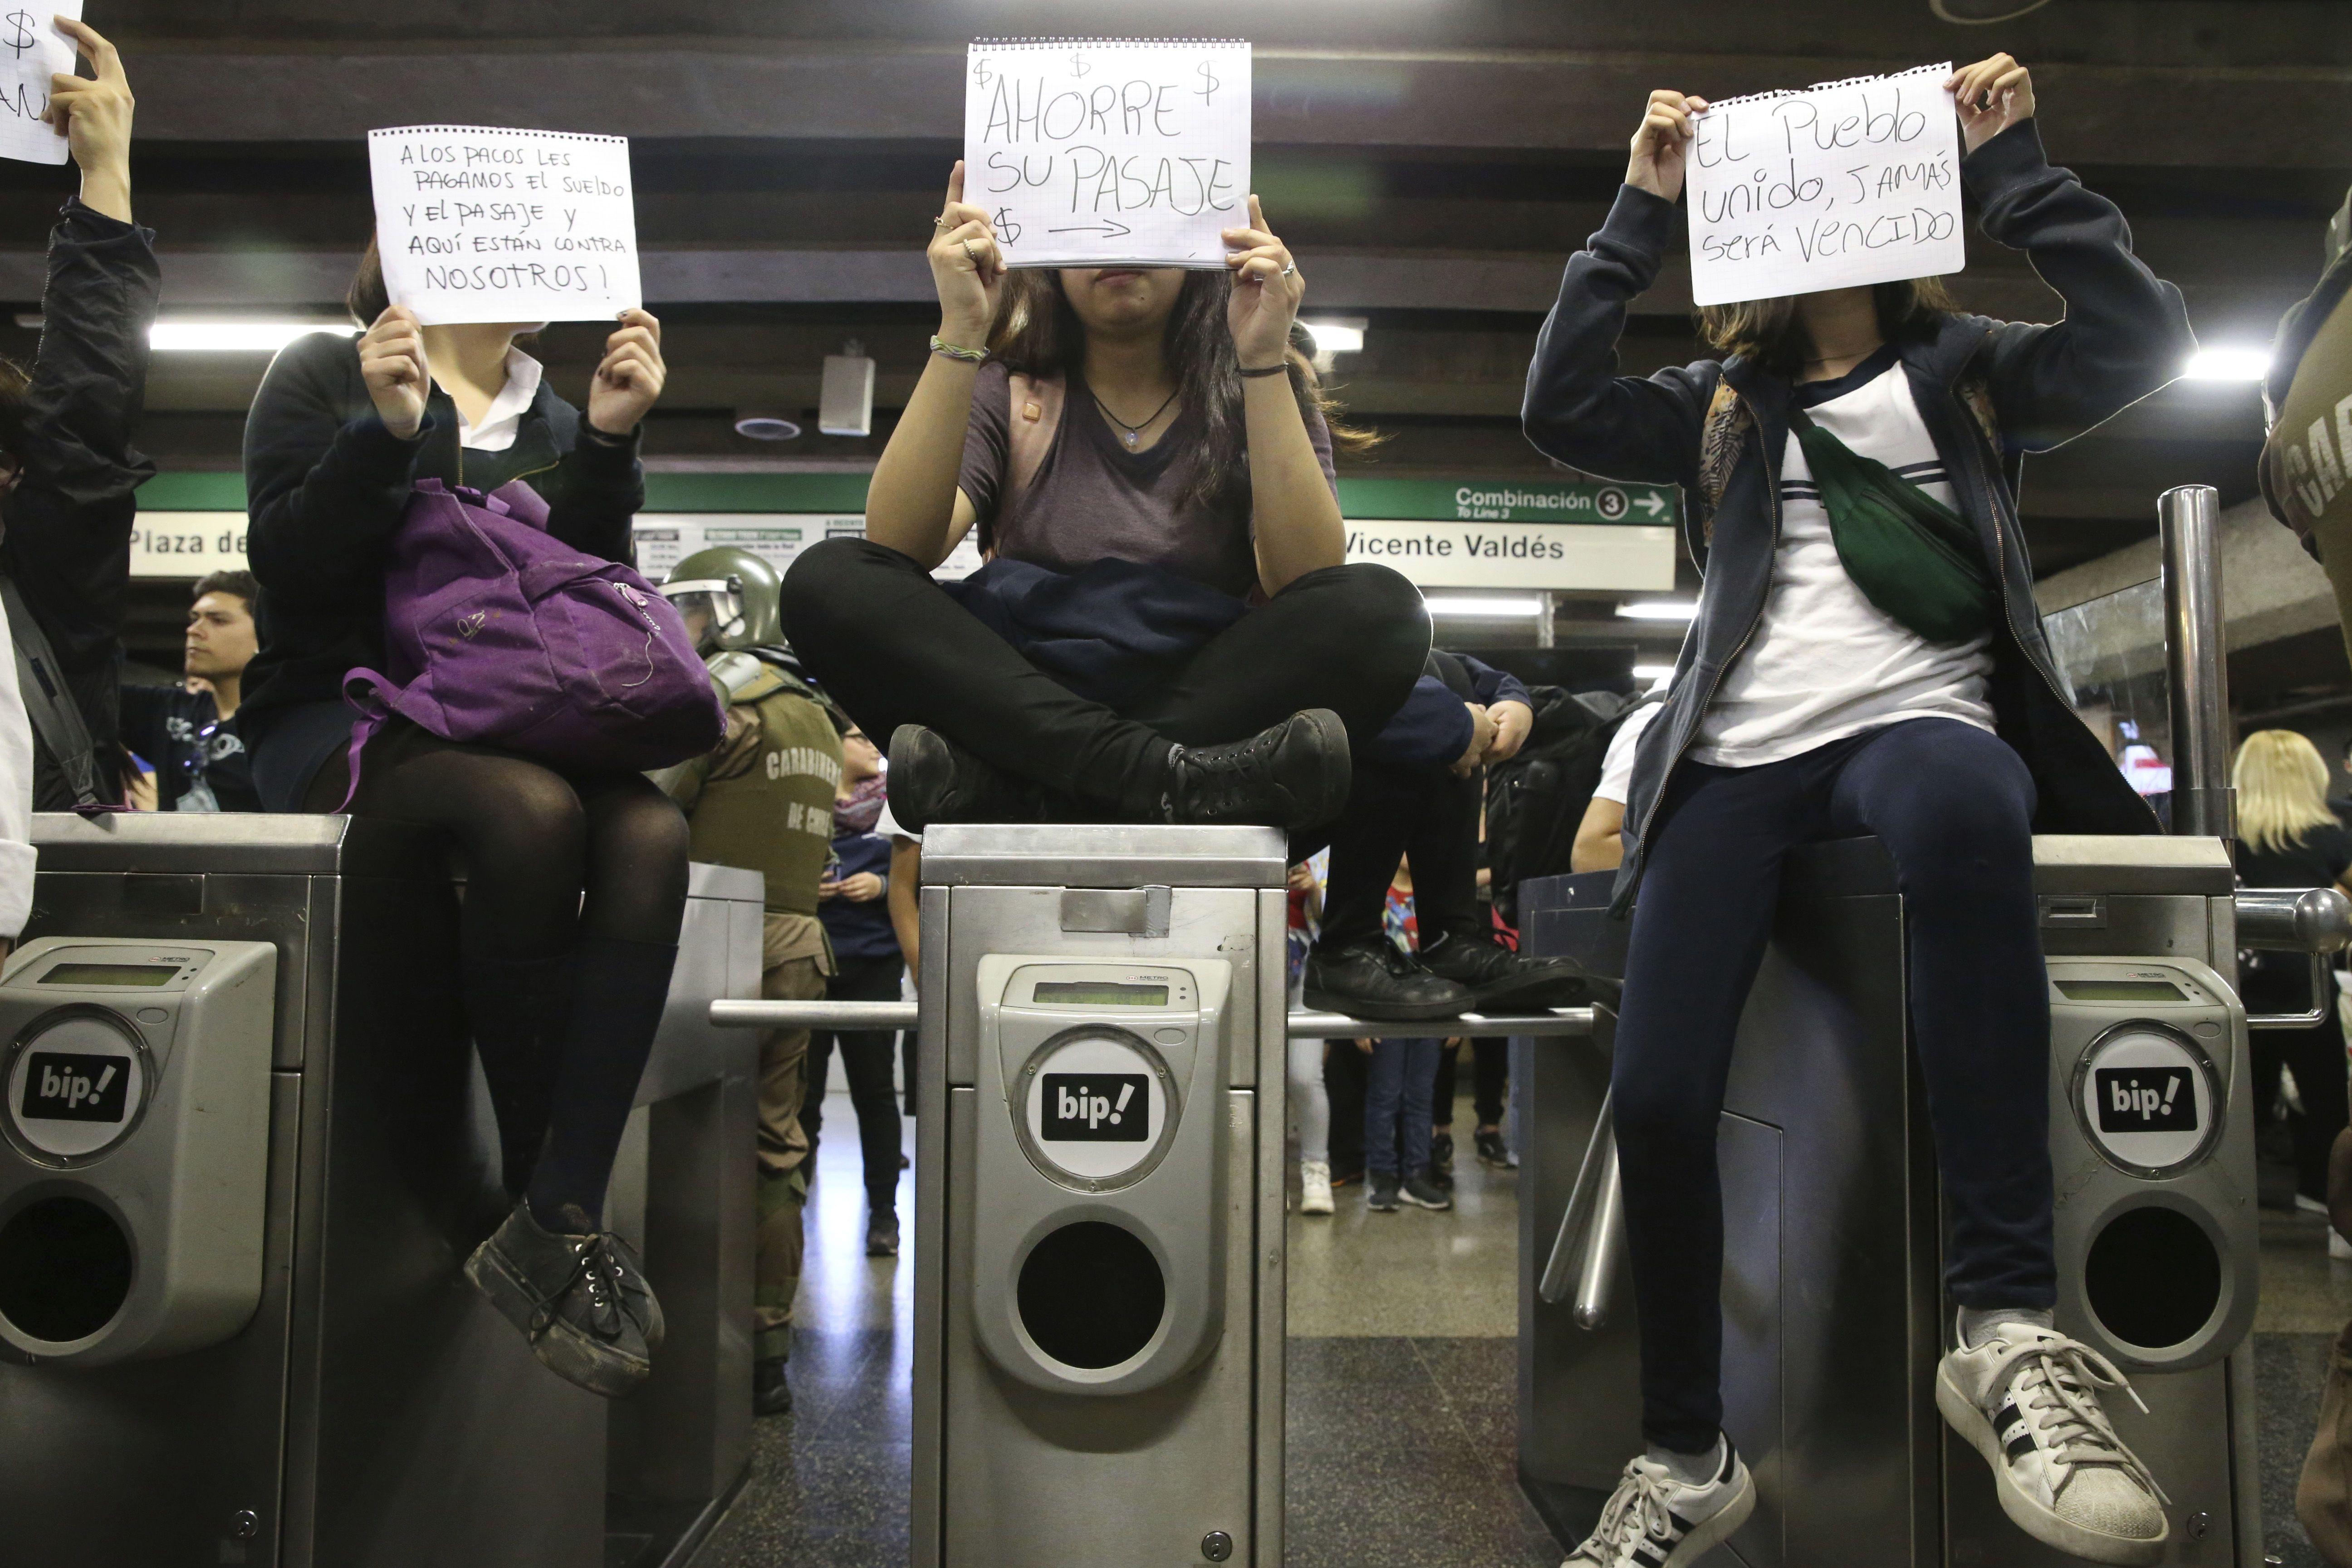 Чилі_протест_подорожчання_метро_1